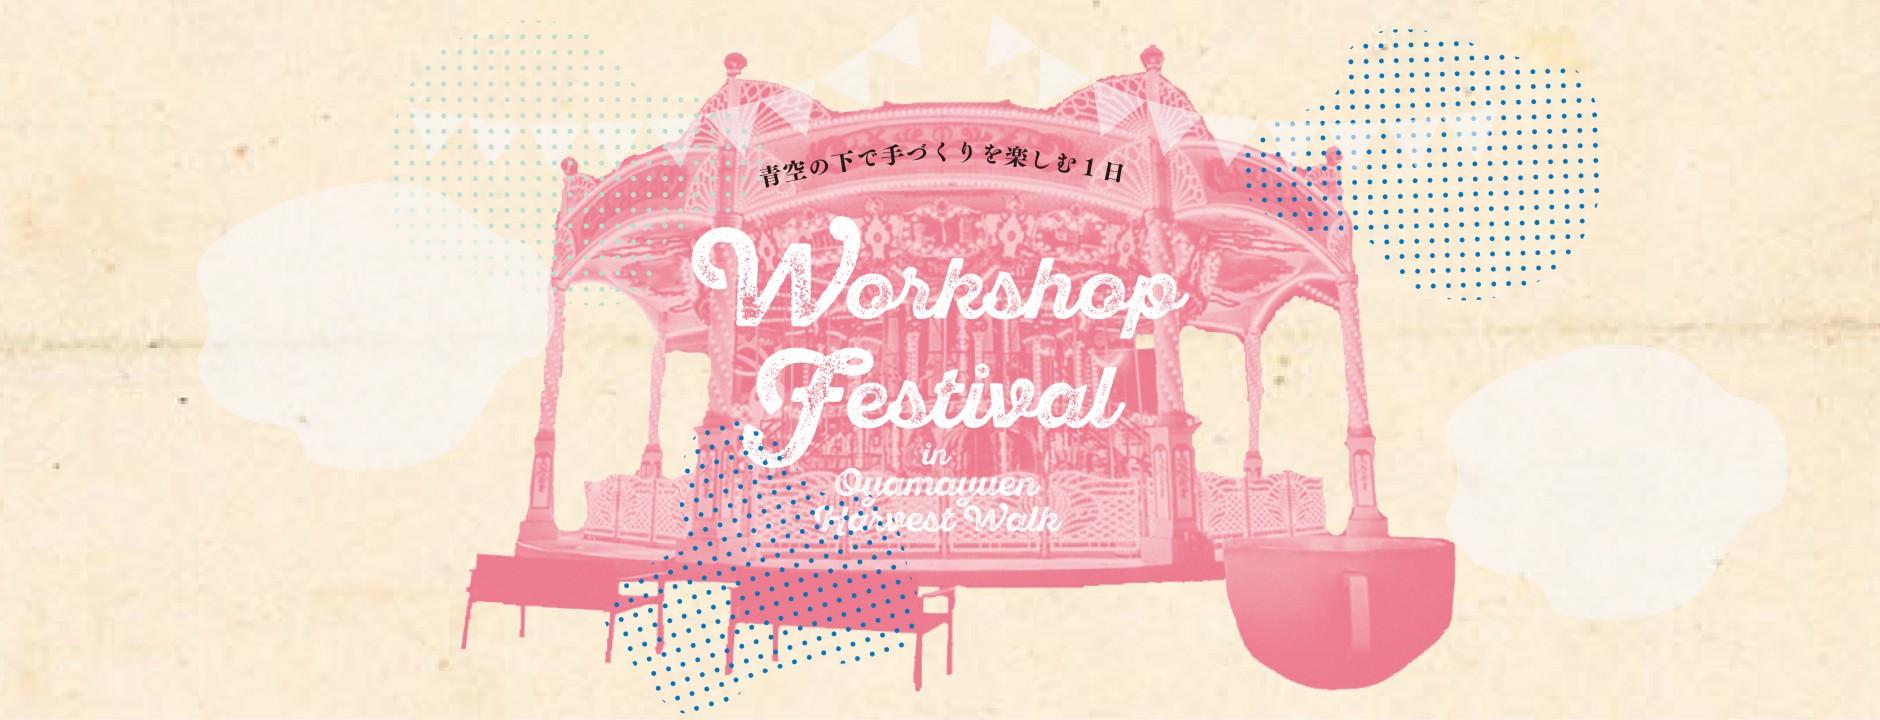 【出展者確定】5/3 ワークショップ・フェスティバル in おやまゆうえんハーヴェストウォーク